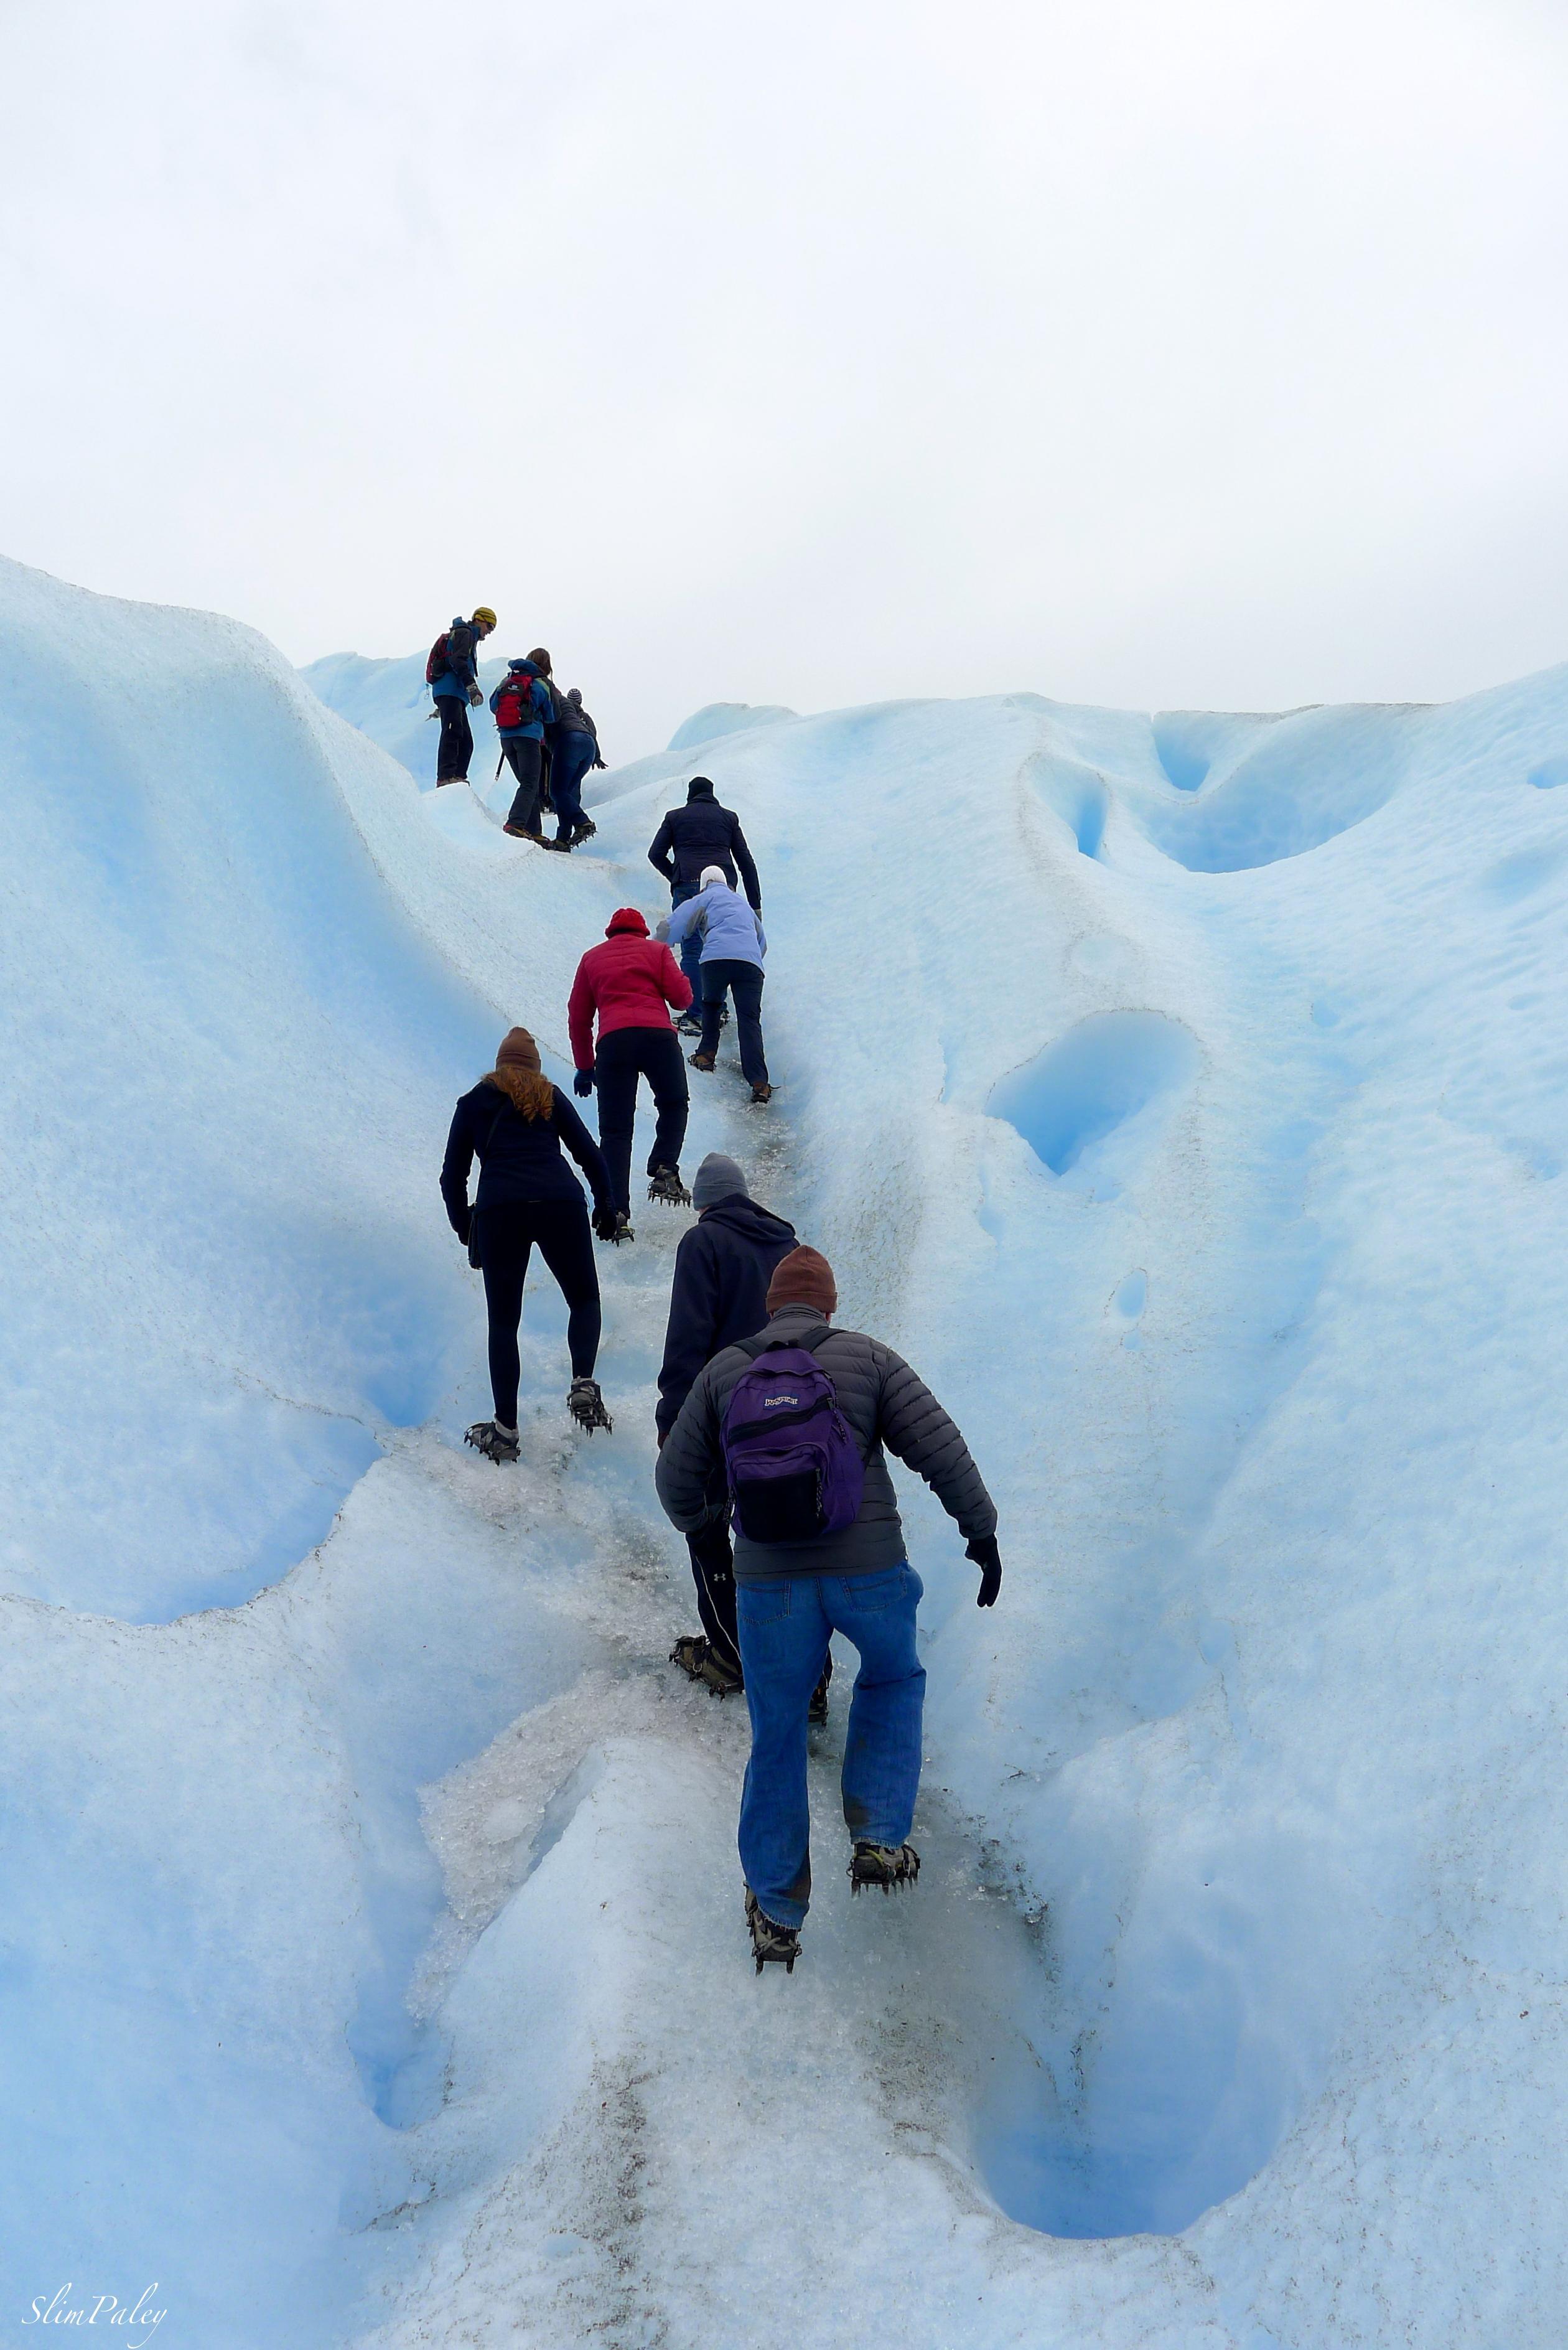 cramponing glacier slimpaley.com